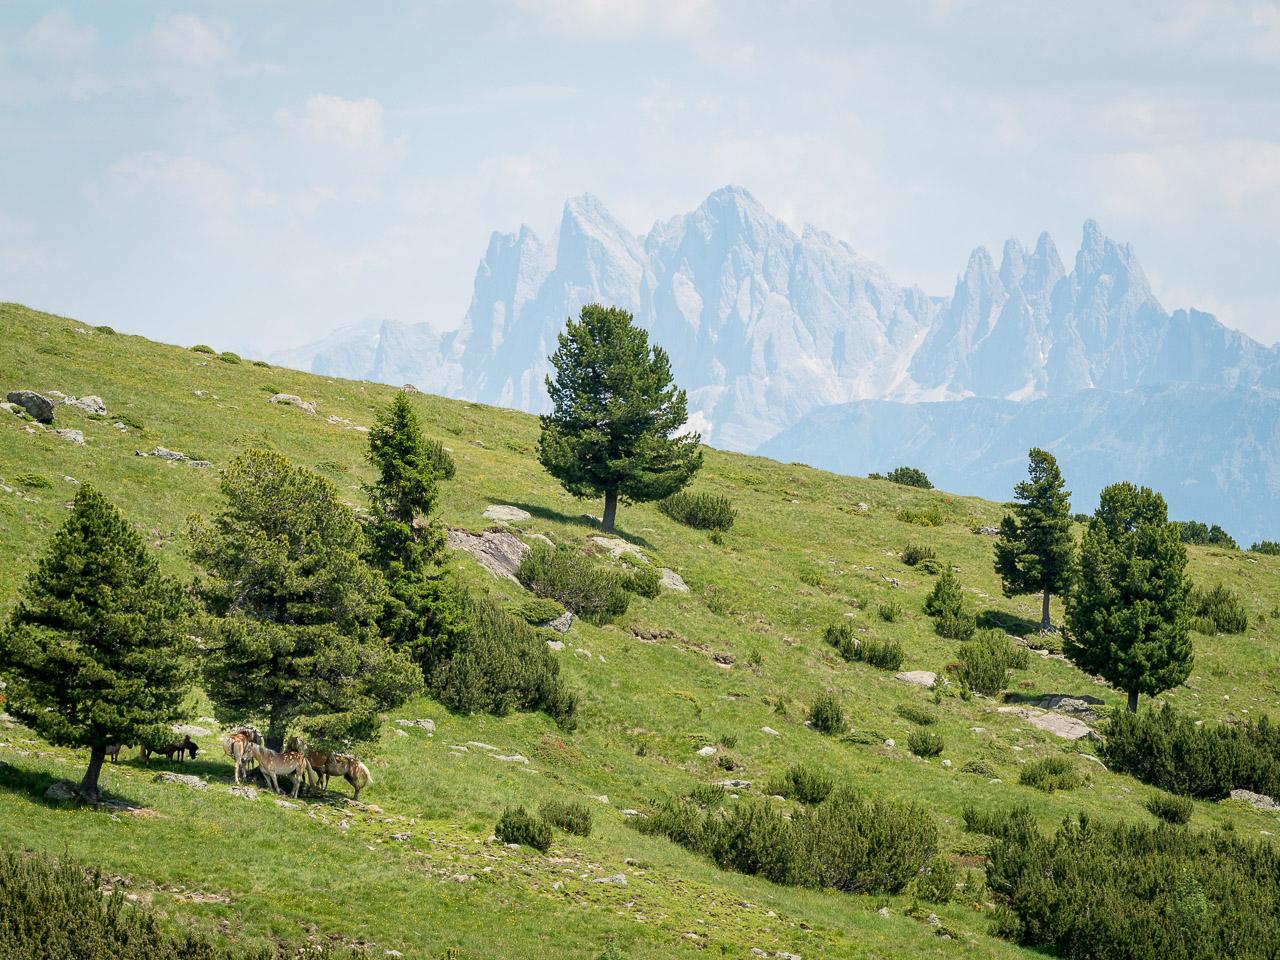 Haflinger Pferde suchen Schatten unter einer Kiefer. Im Hintergrund zeichnen die Geislerspitzen ihre markanten Konturen in den Himmel.